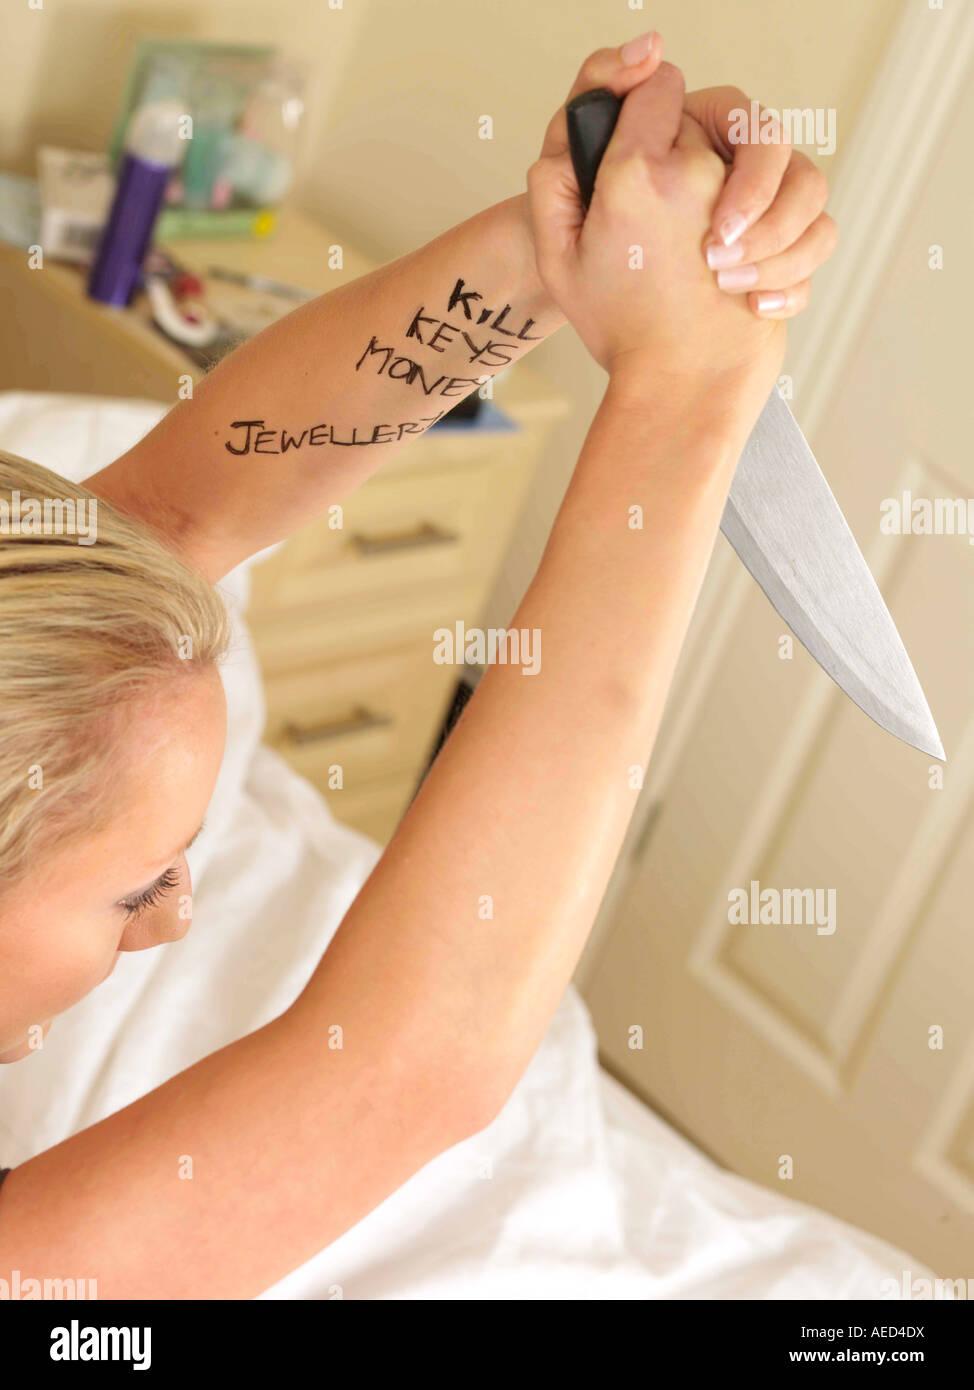 Violent Teenager Model Released - Stock Image